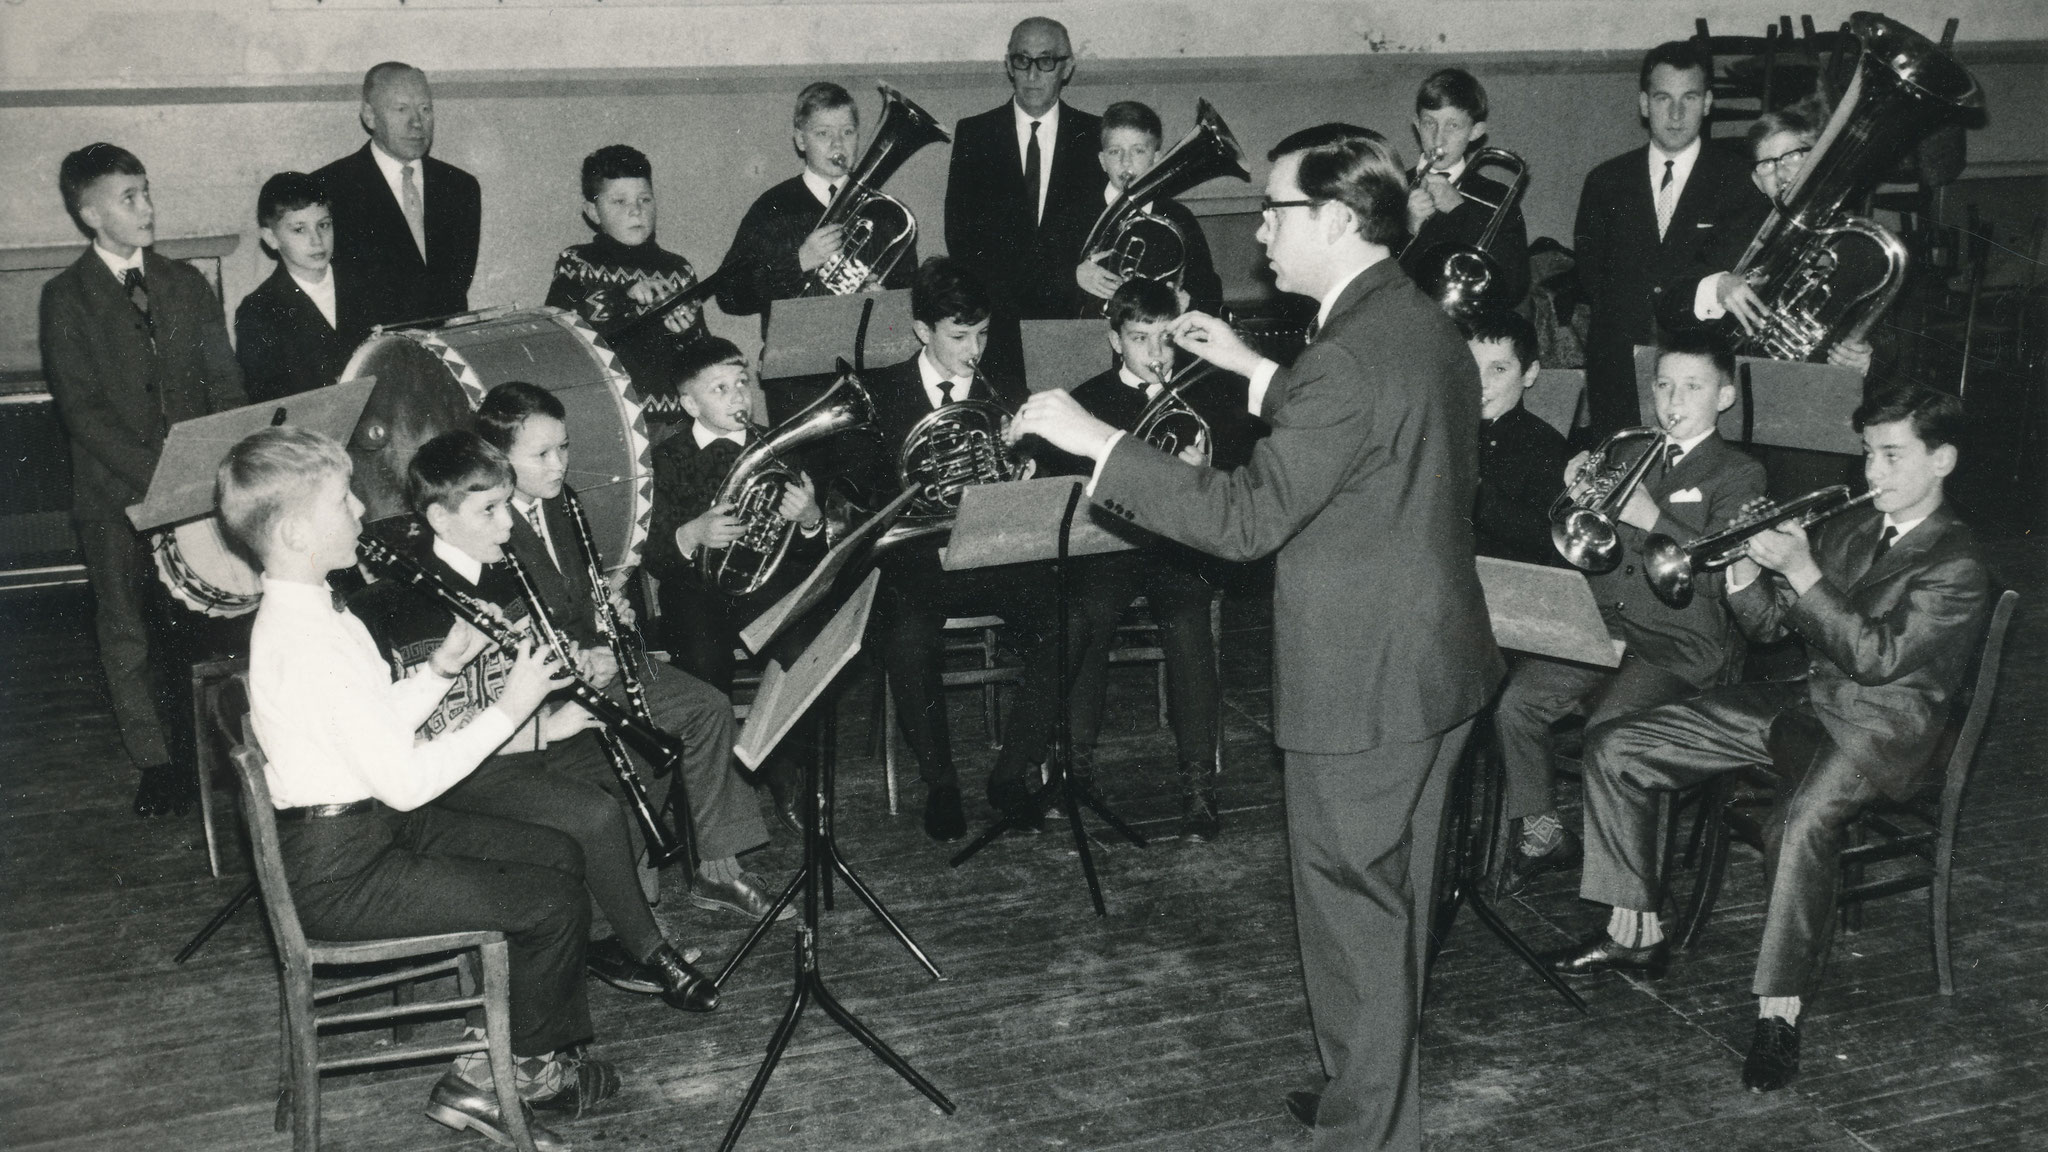 Das im Mai 1965 ins Leben gerufene Jugendorchester (Gisbert Stenz bei einer Orchesterprobe/Der junge Nachwuchs)